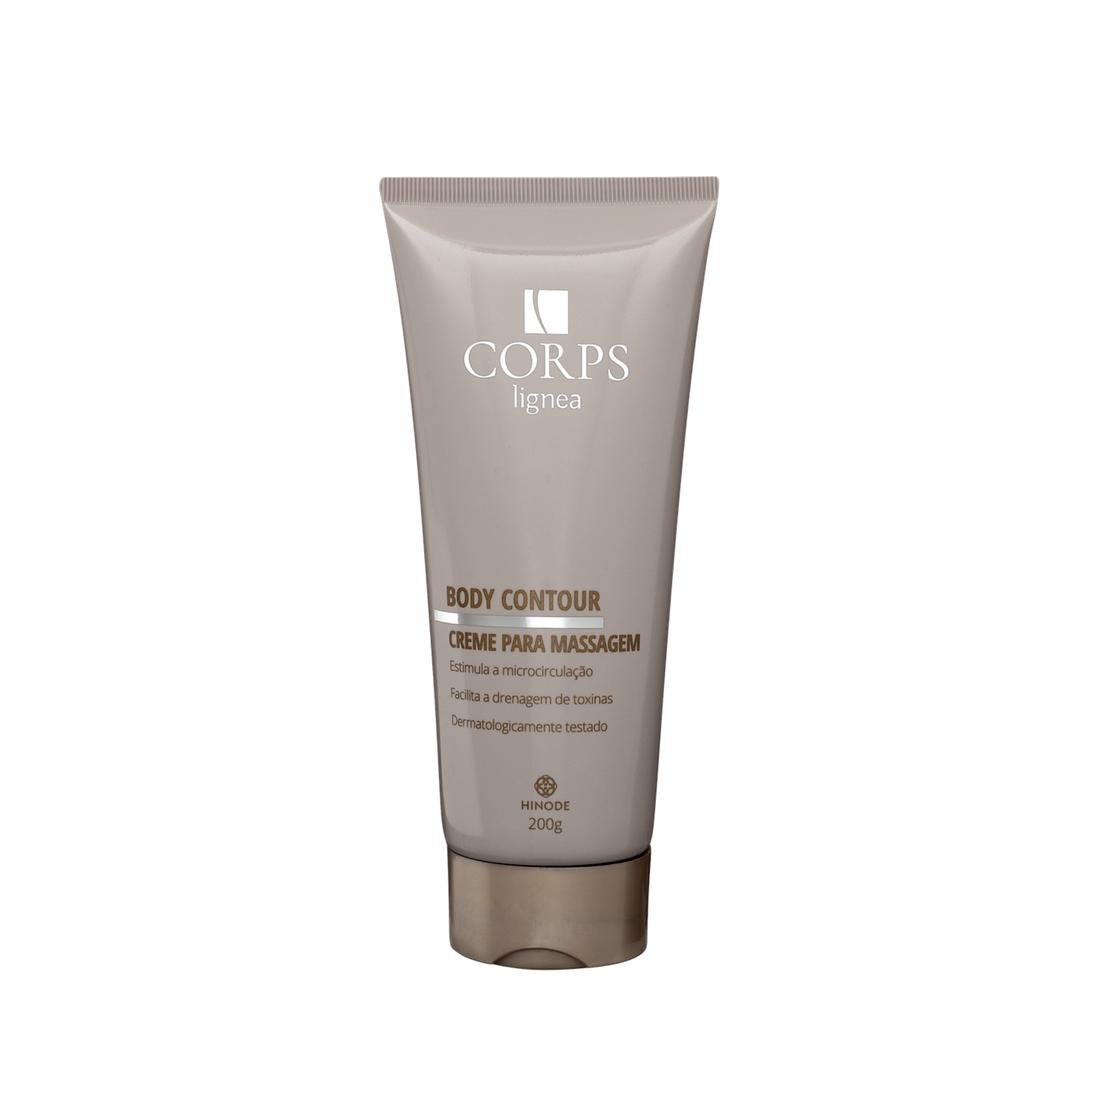 35002-corps-lignea-body-contour-creme-massagem-1100x1100.png